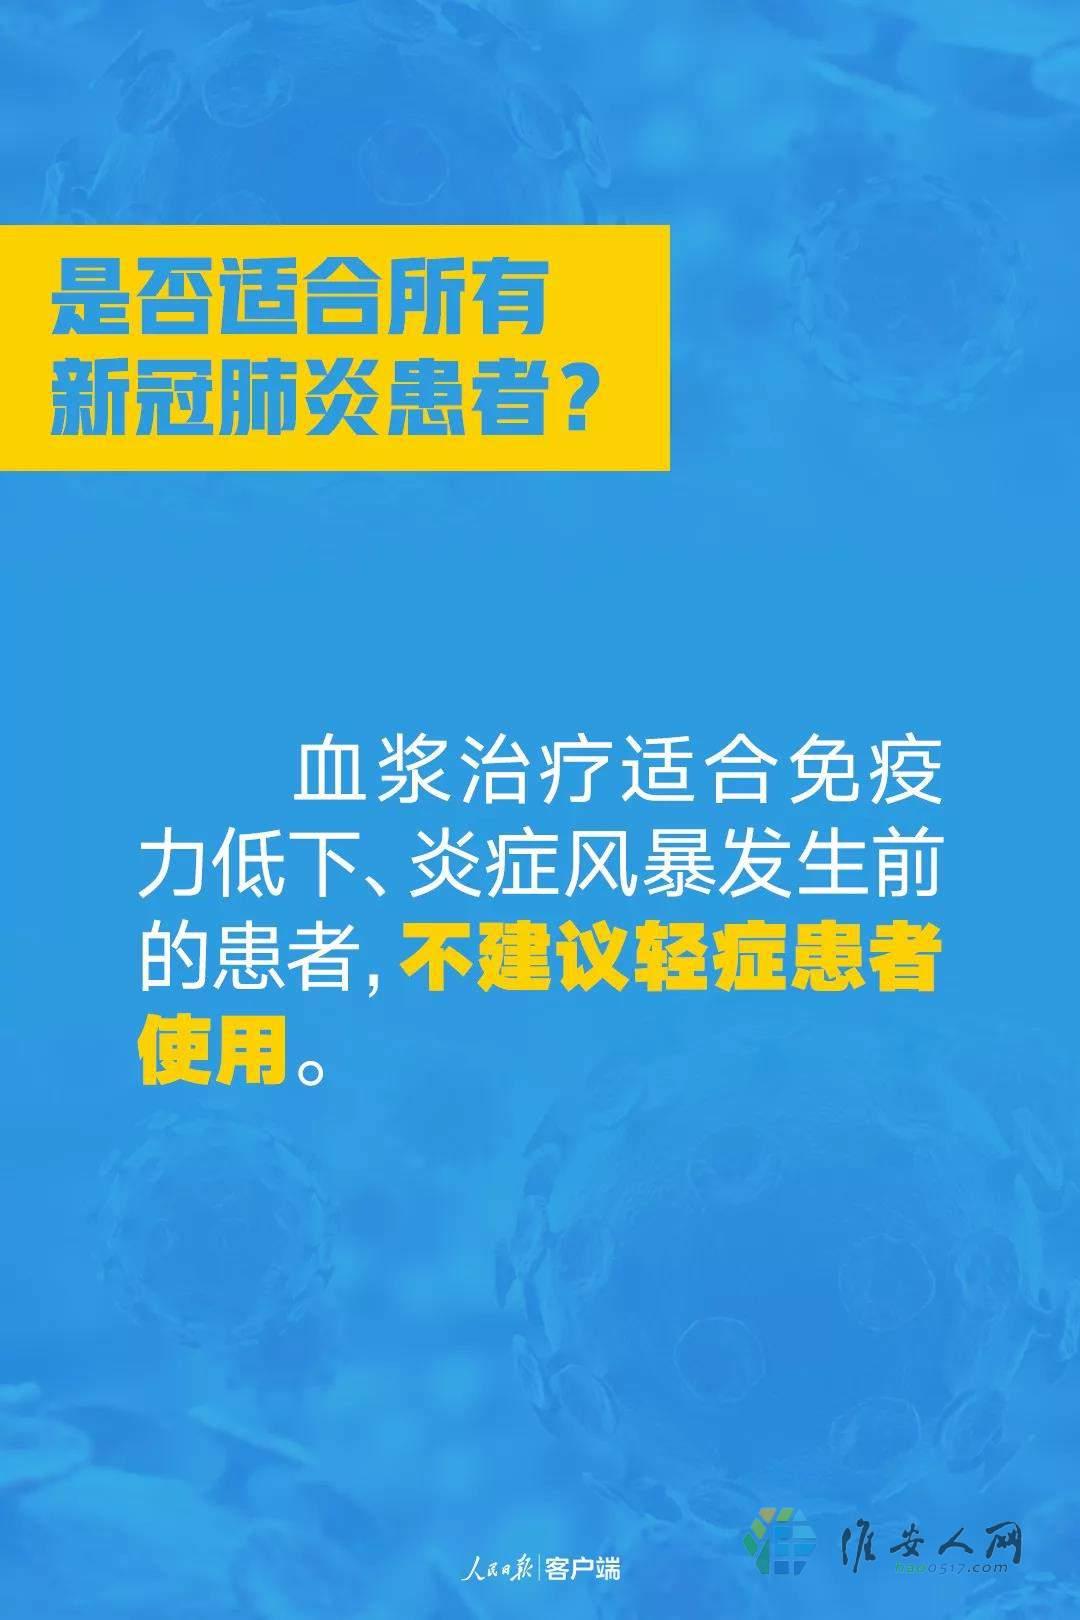 微信图片_20200216094500.jpg